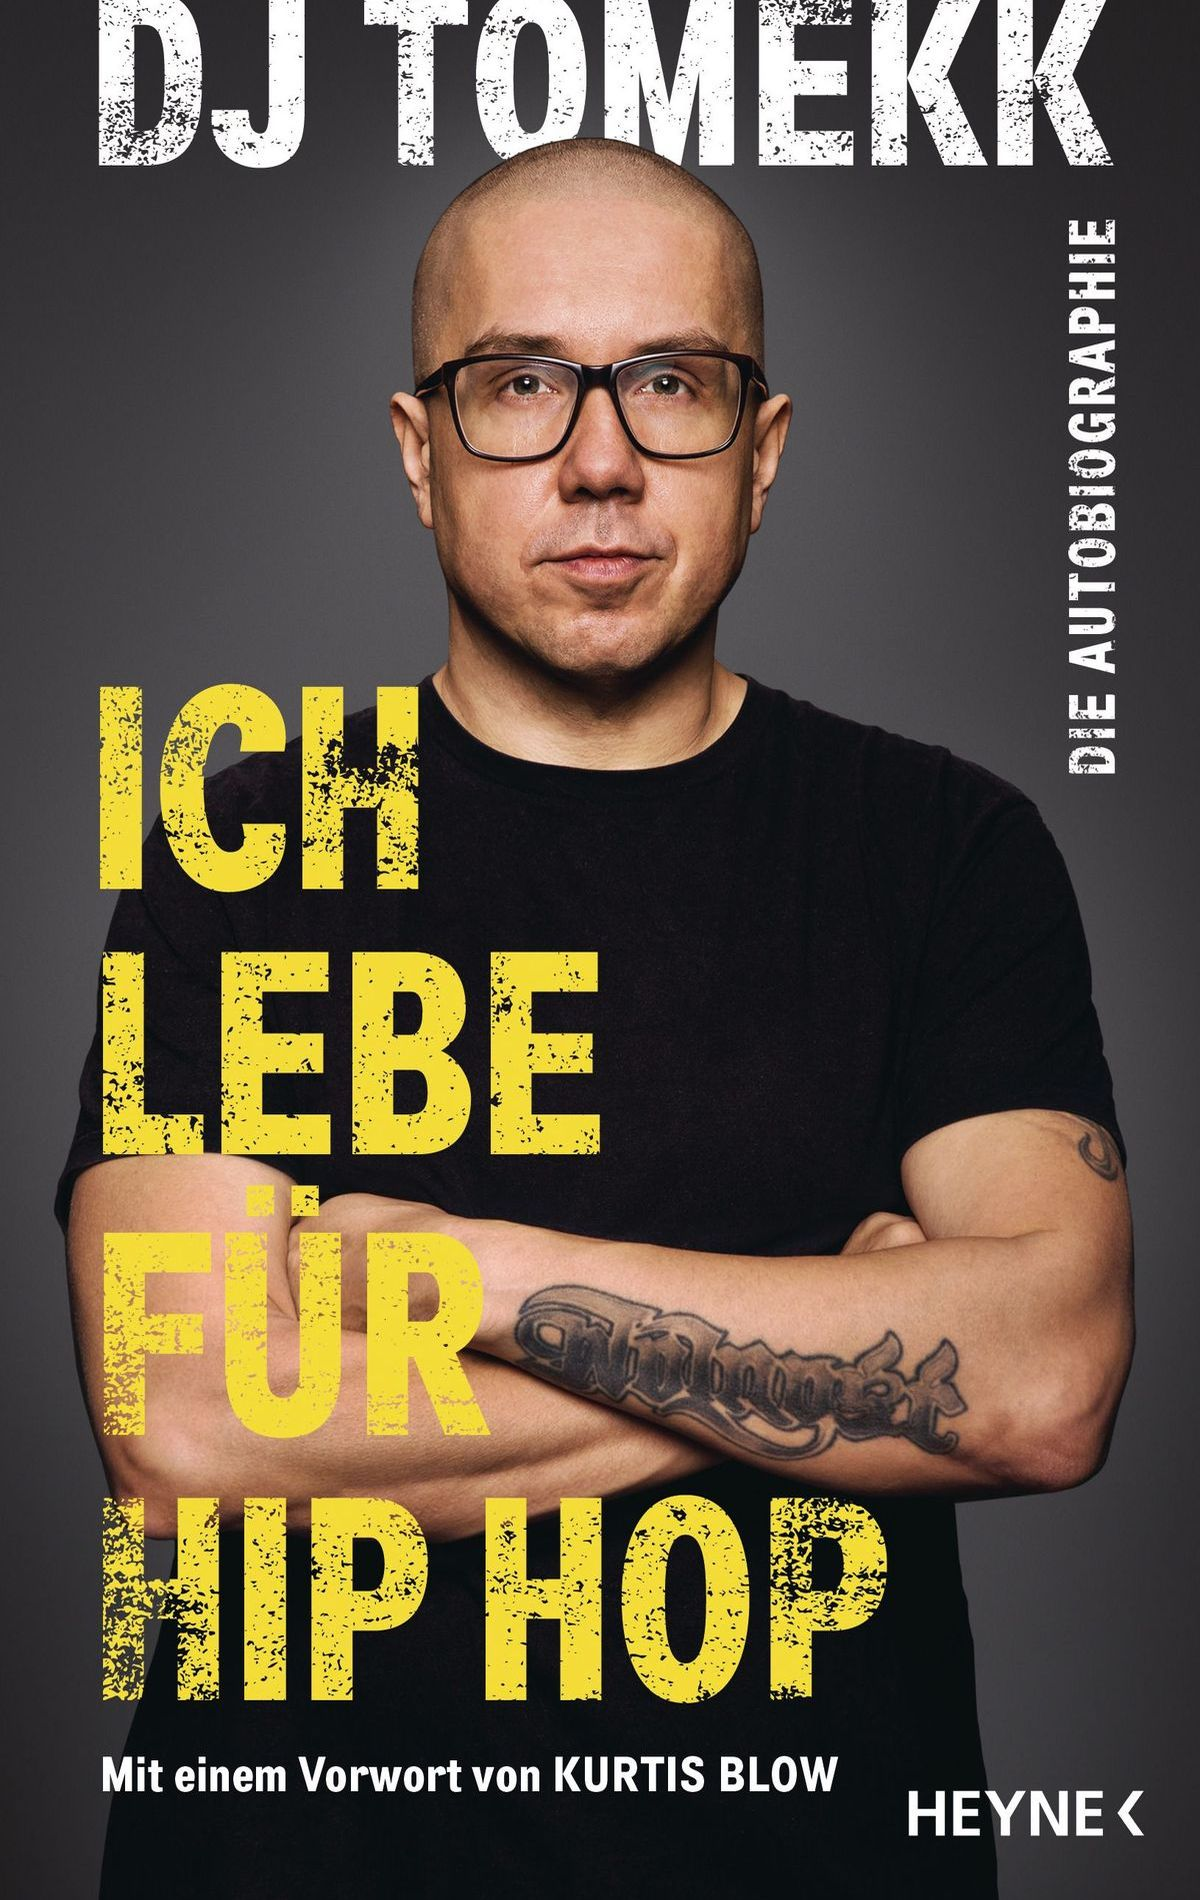 Ich lebe für Hip Hop   DJ Tomekk 336 Seiten   mit Illustrationen ISBN 978-3-453-21805-5   22,- Euro